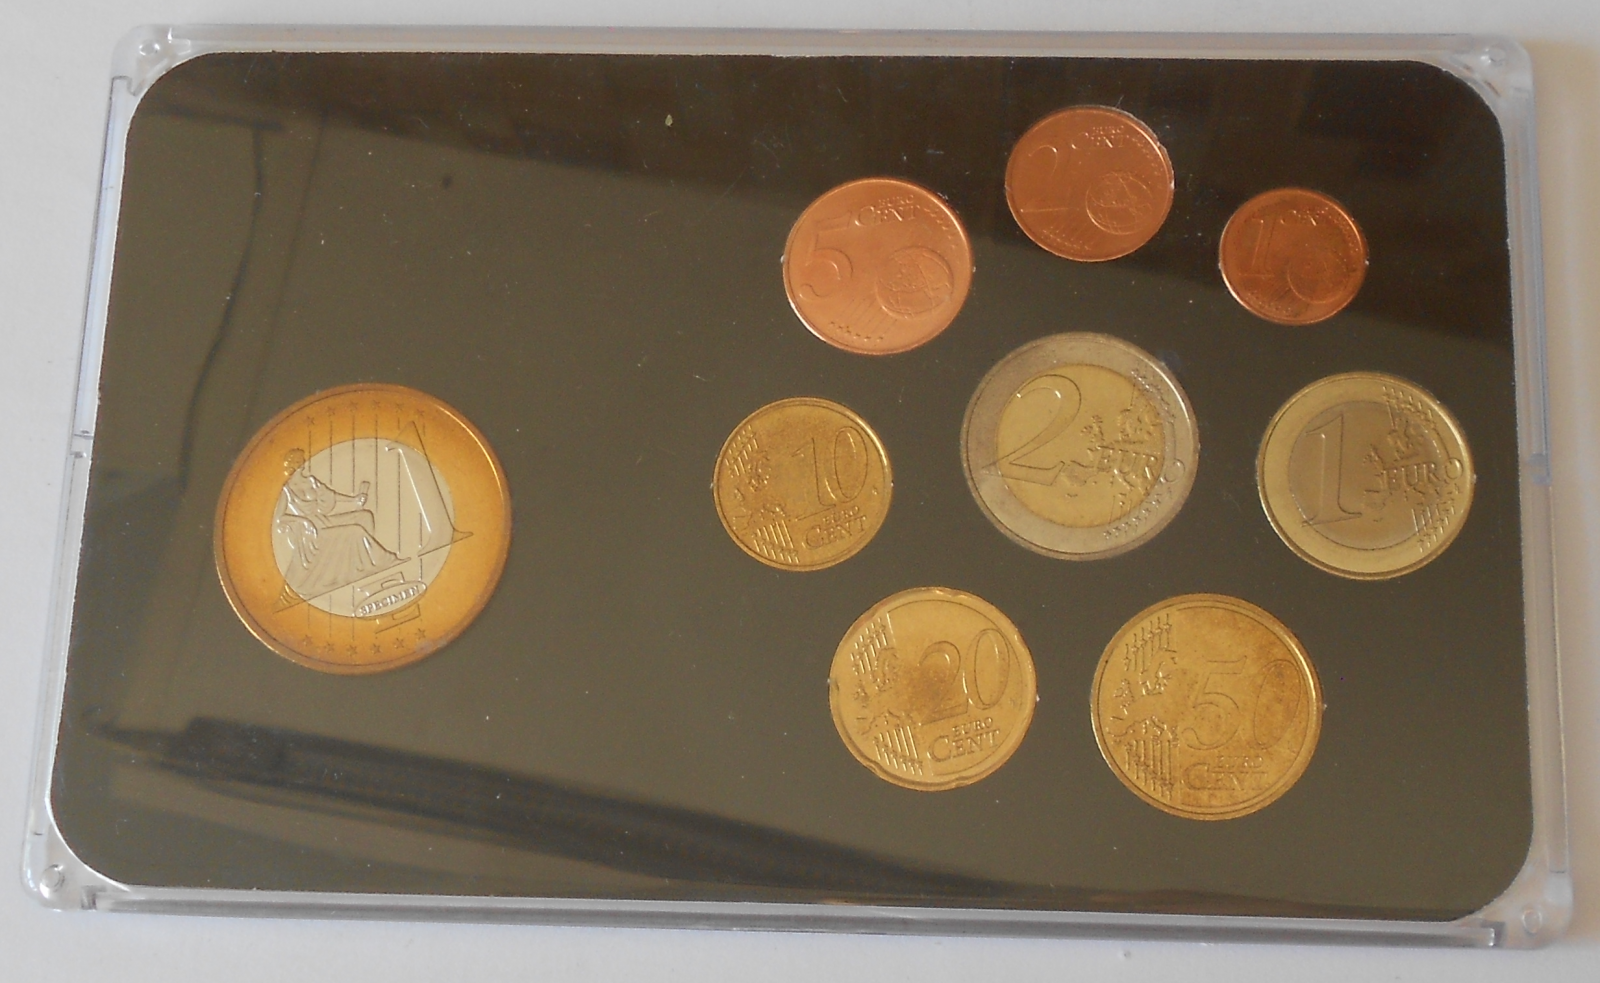 Malta Sada euro